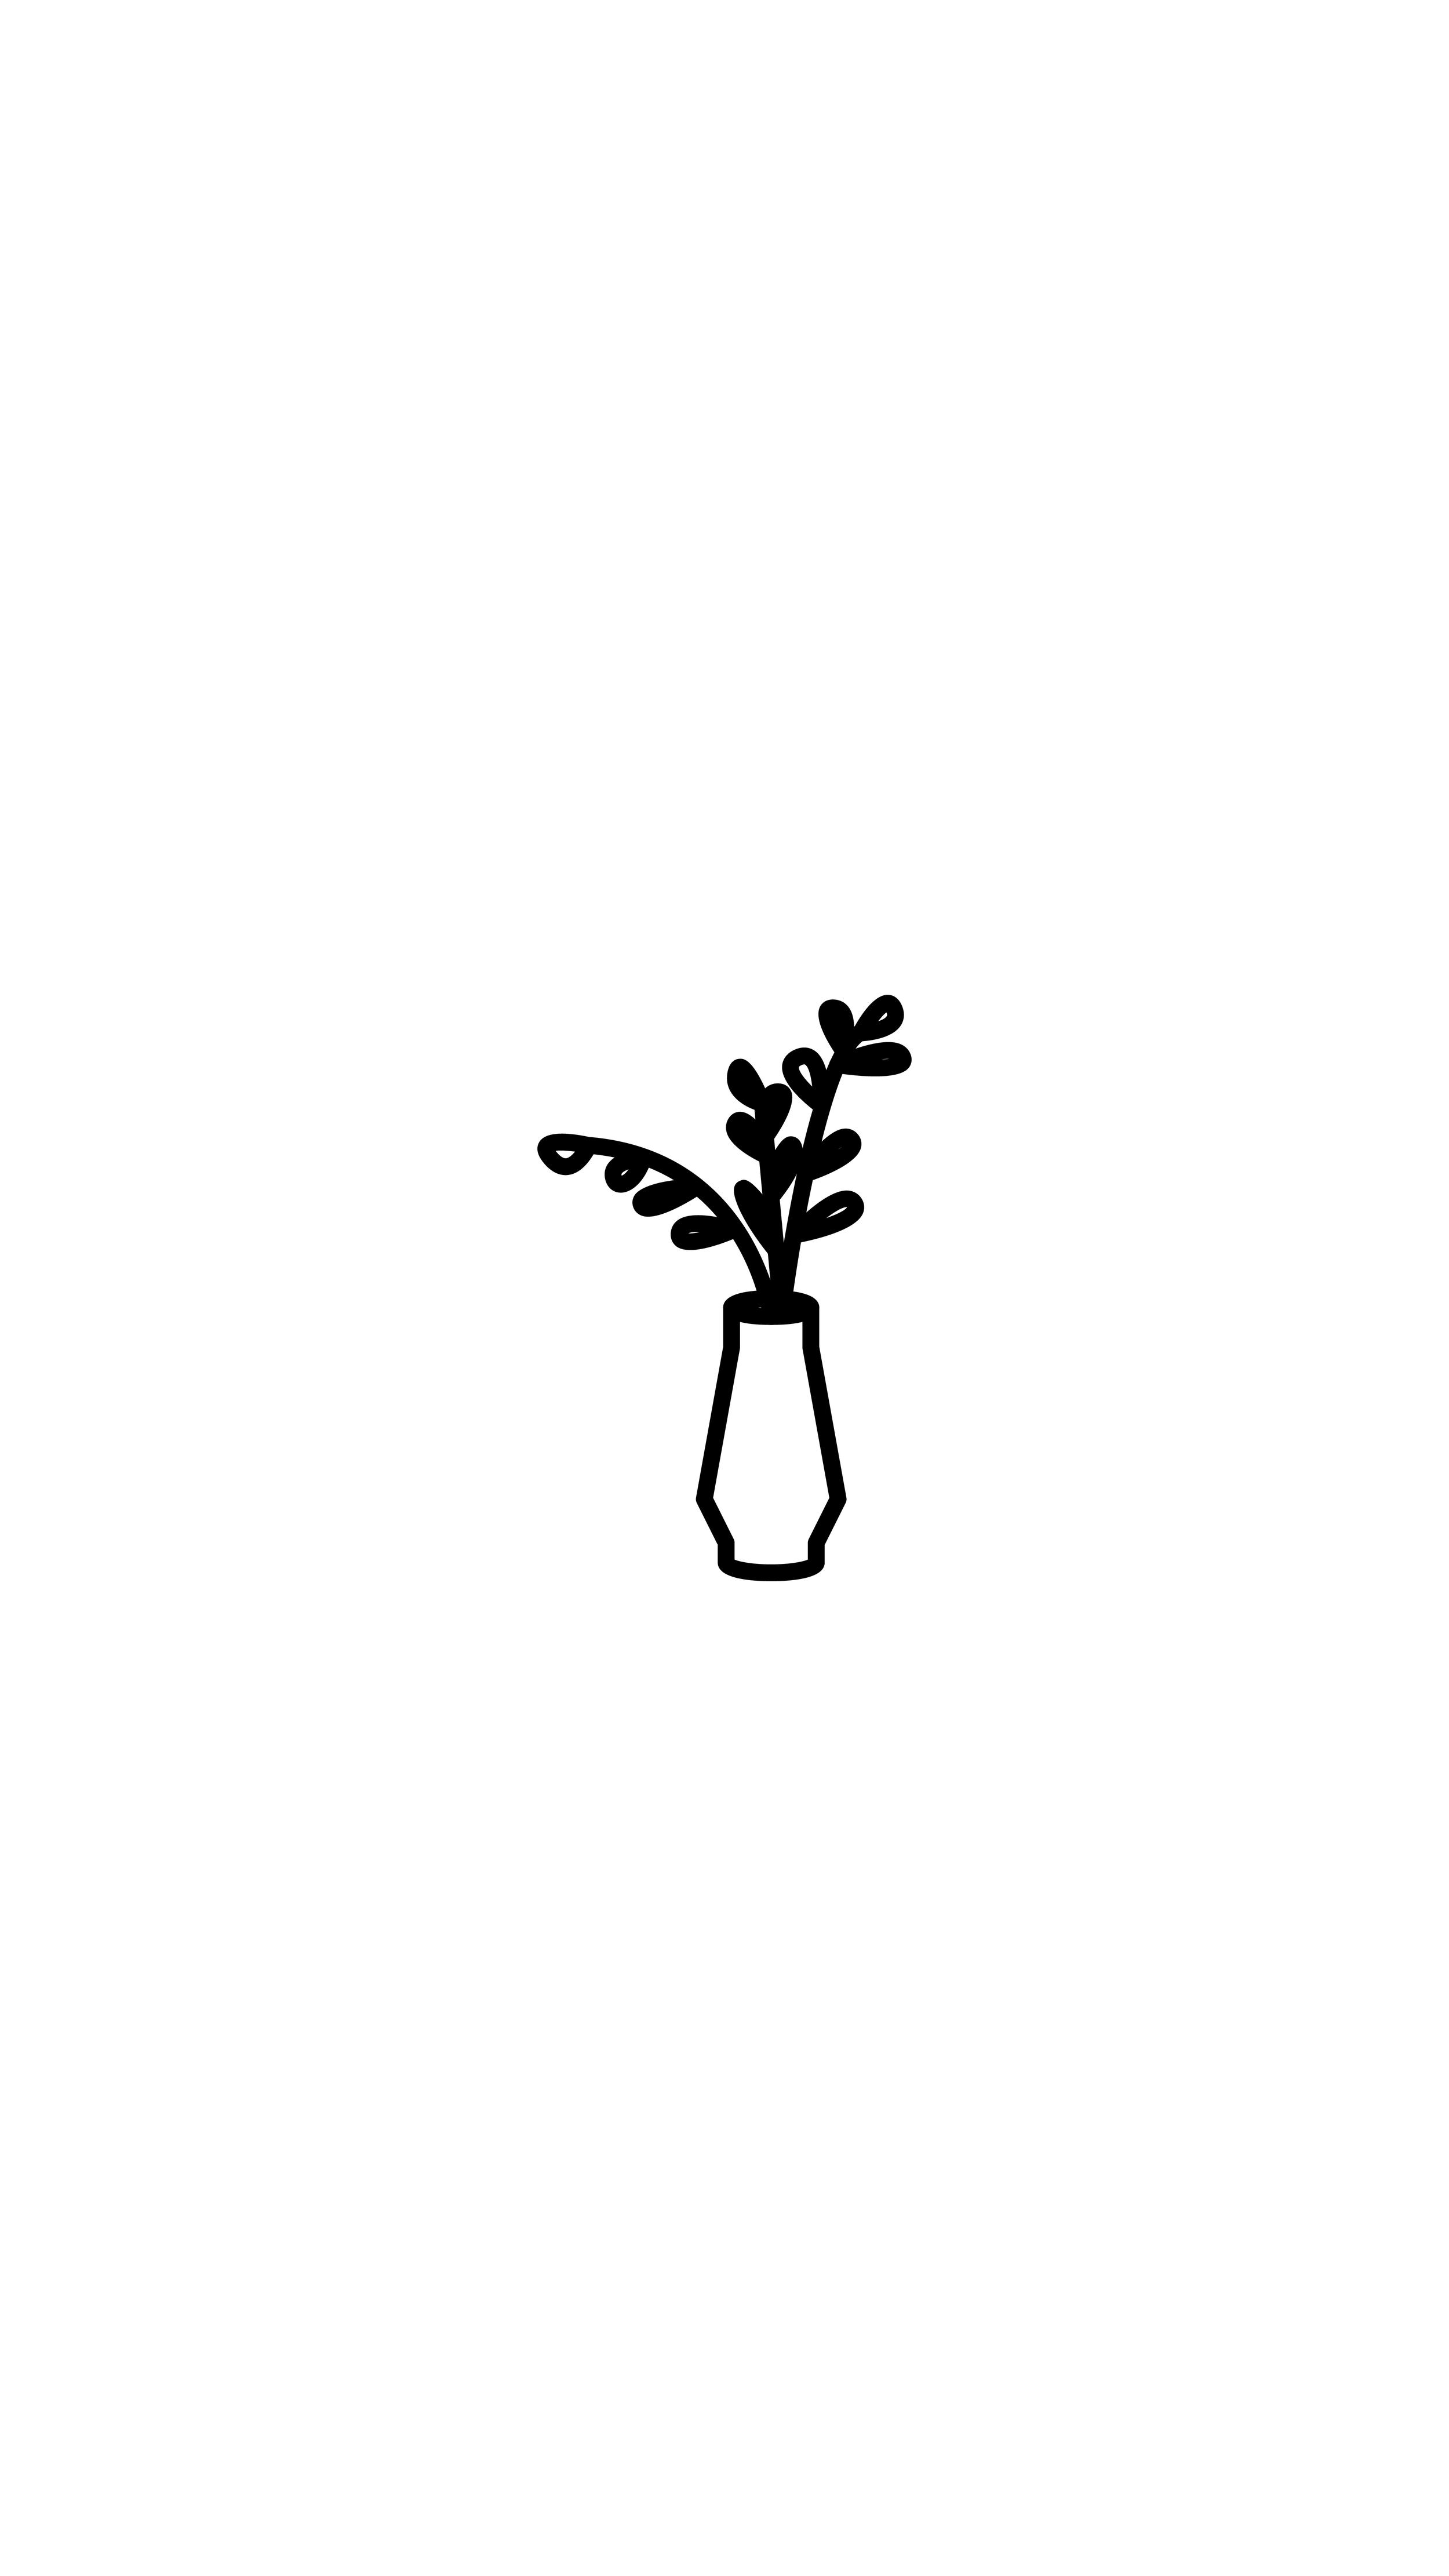 Vase, Floral, Home Decor